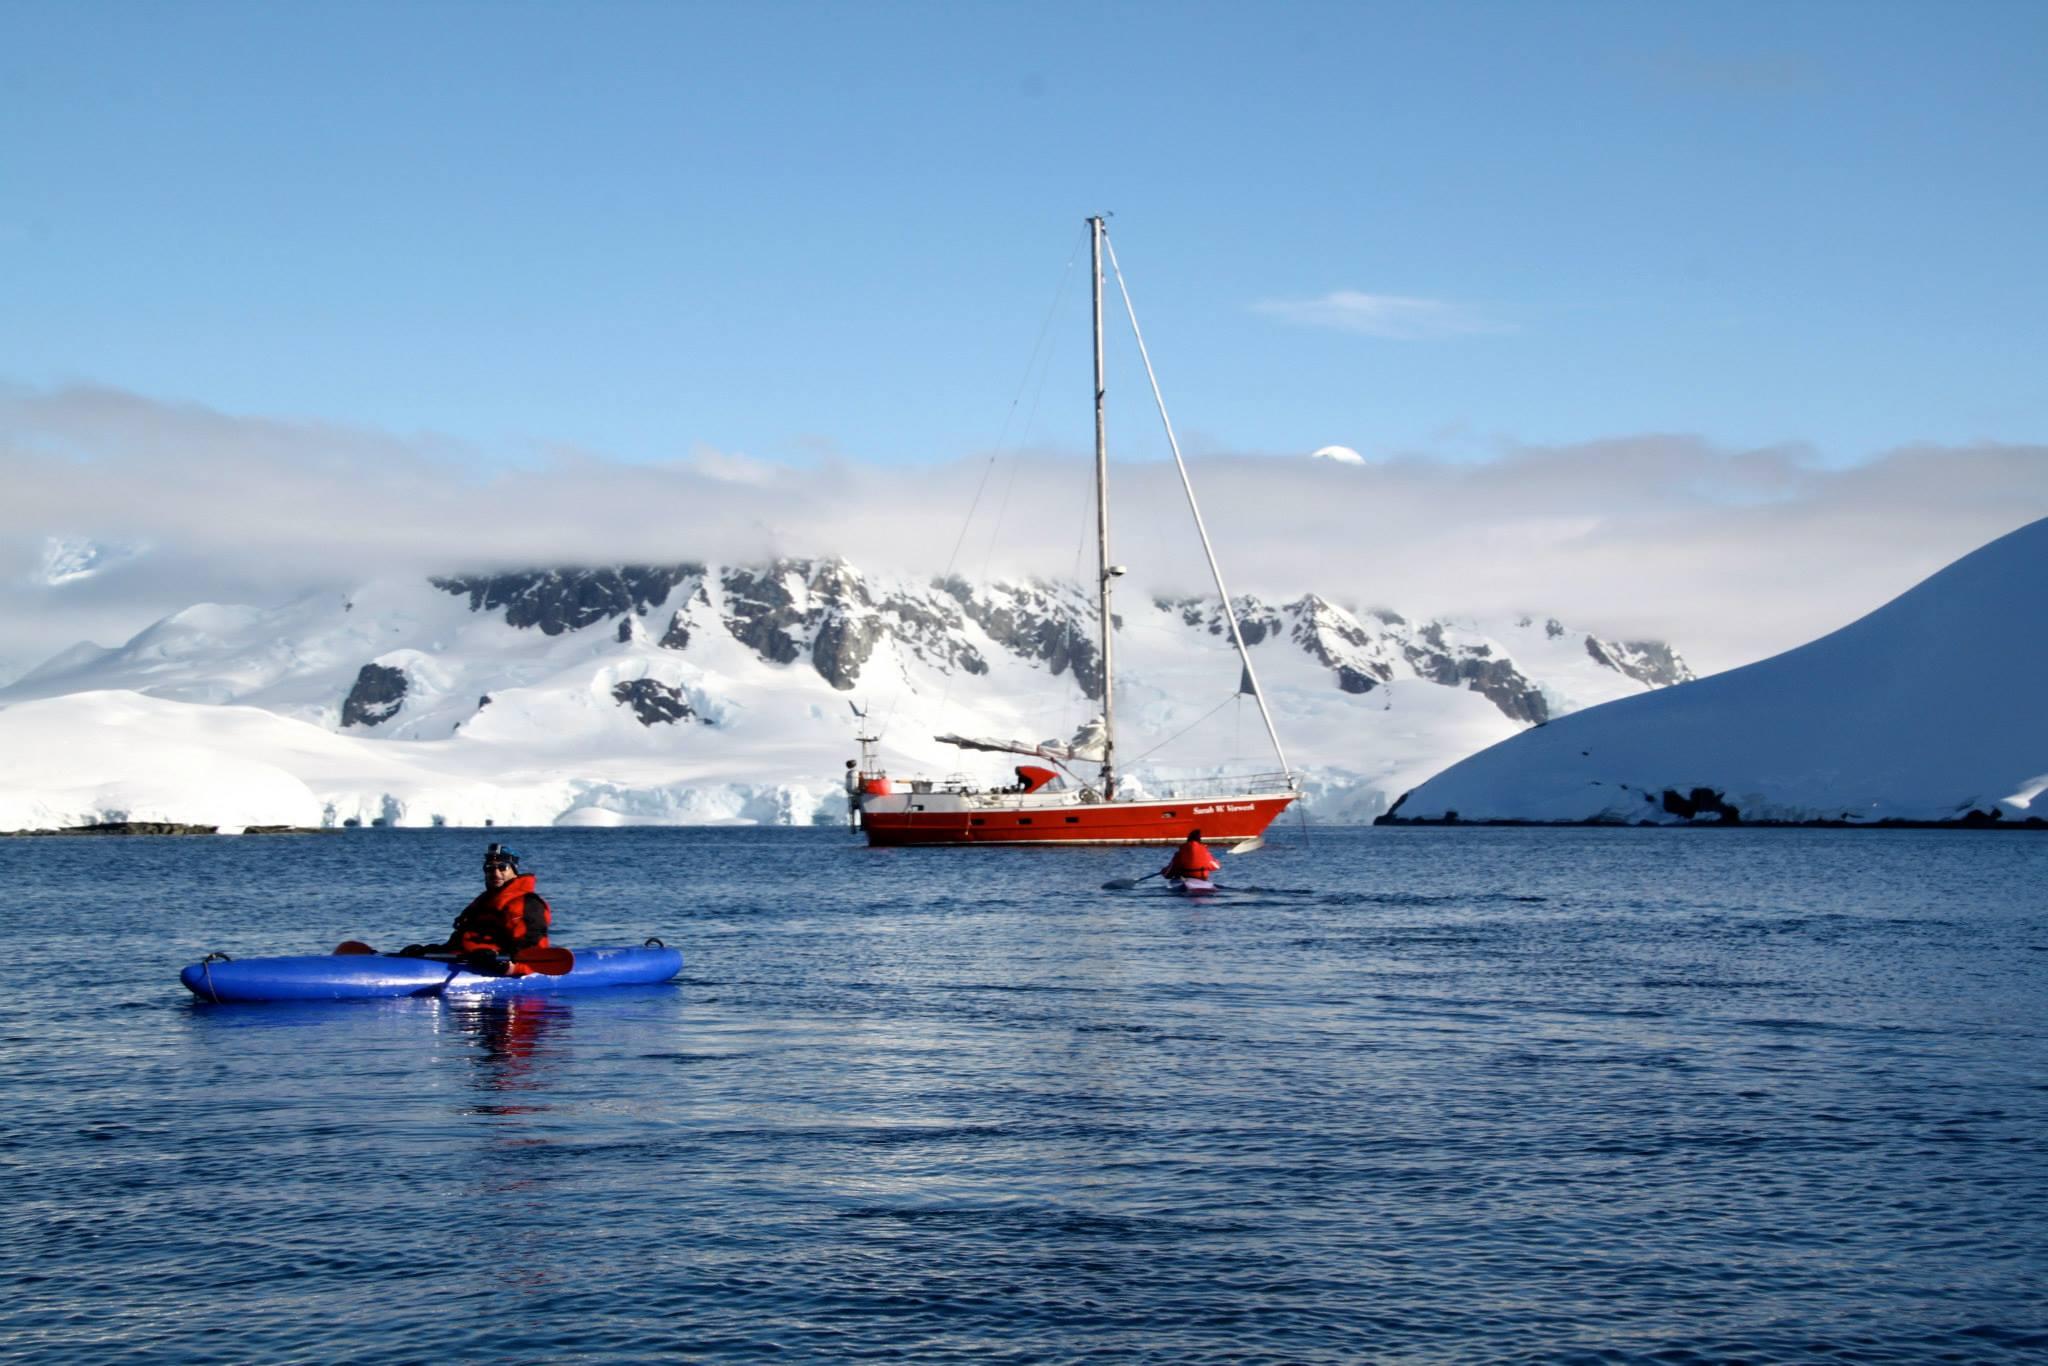 שייט באנטרקטיקה - ספורט ימי - חתירה בקייק - דרך הים